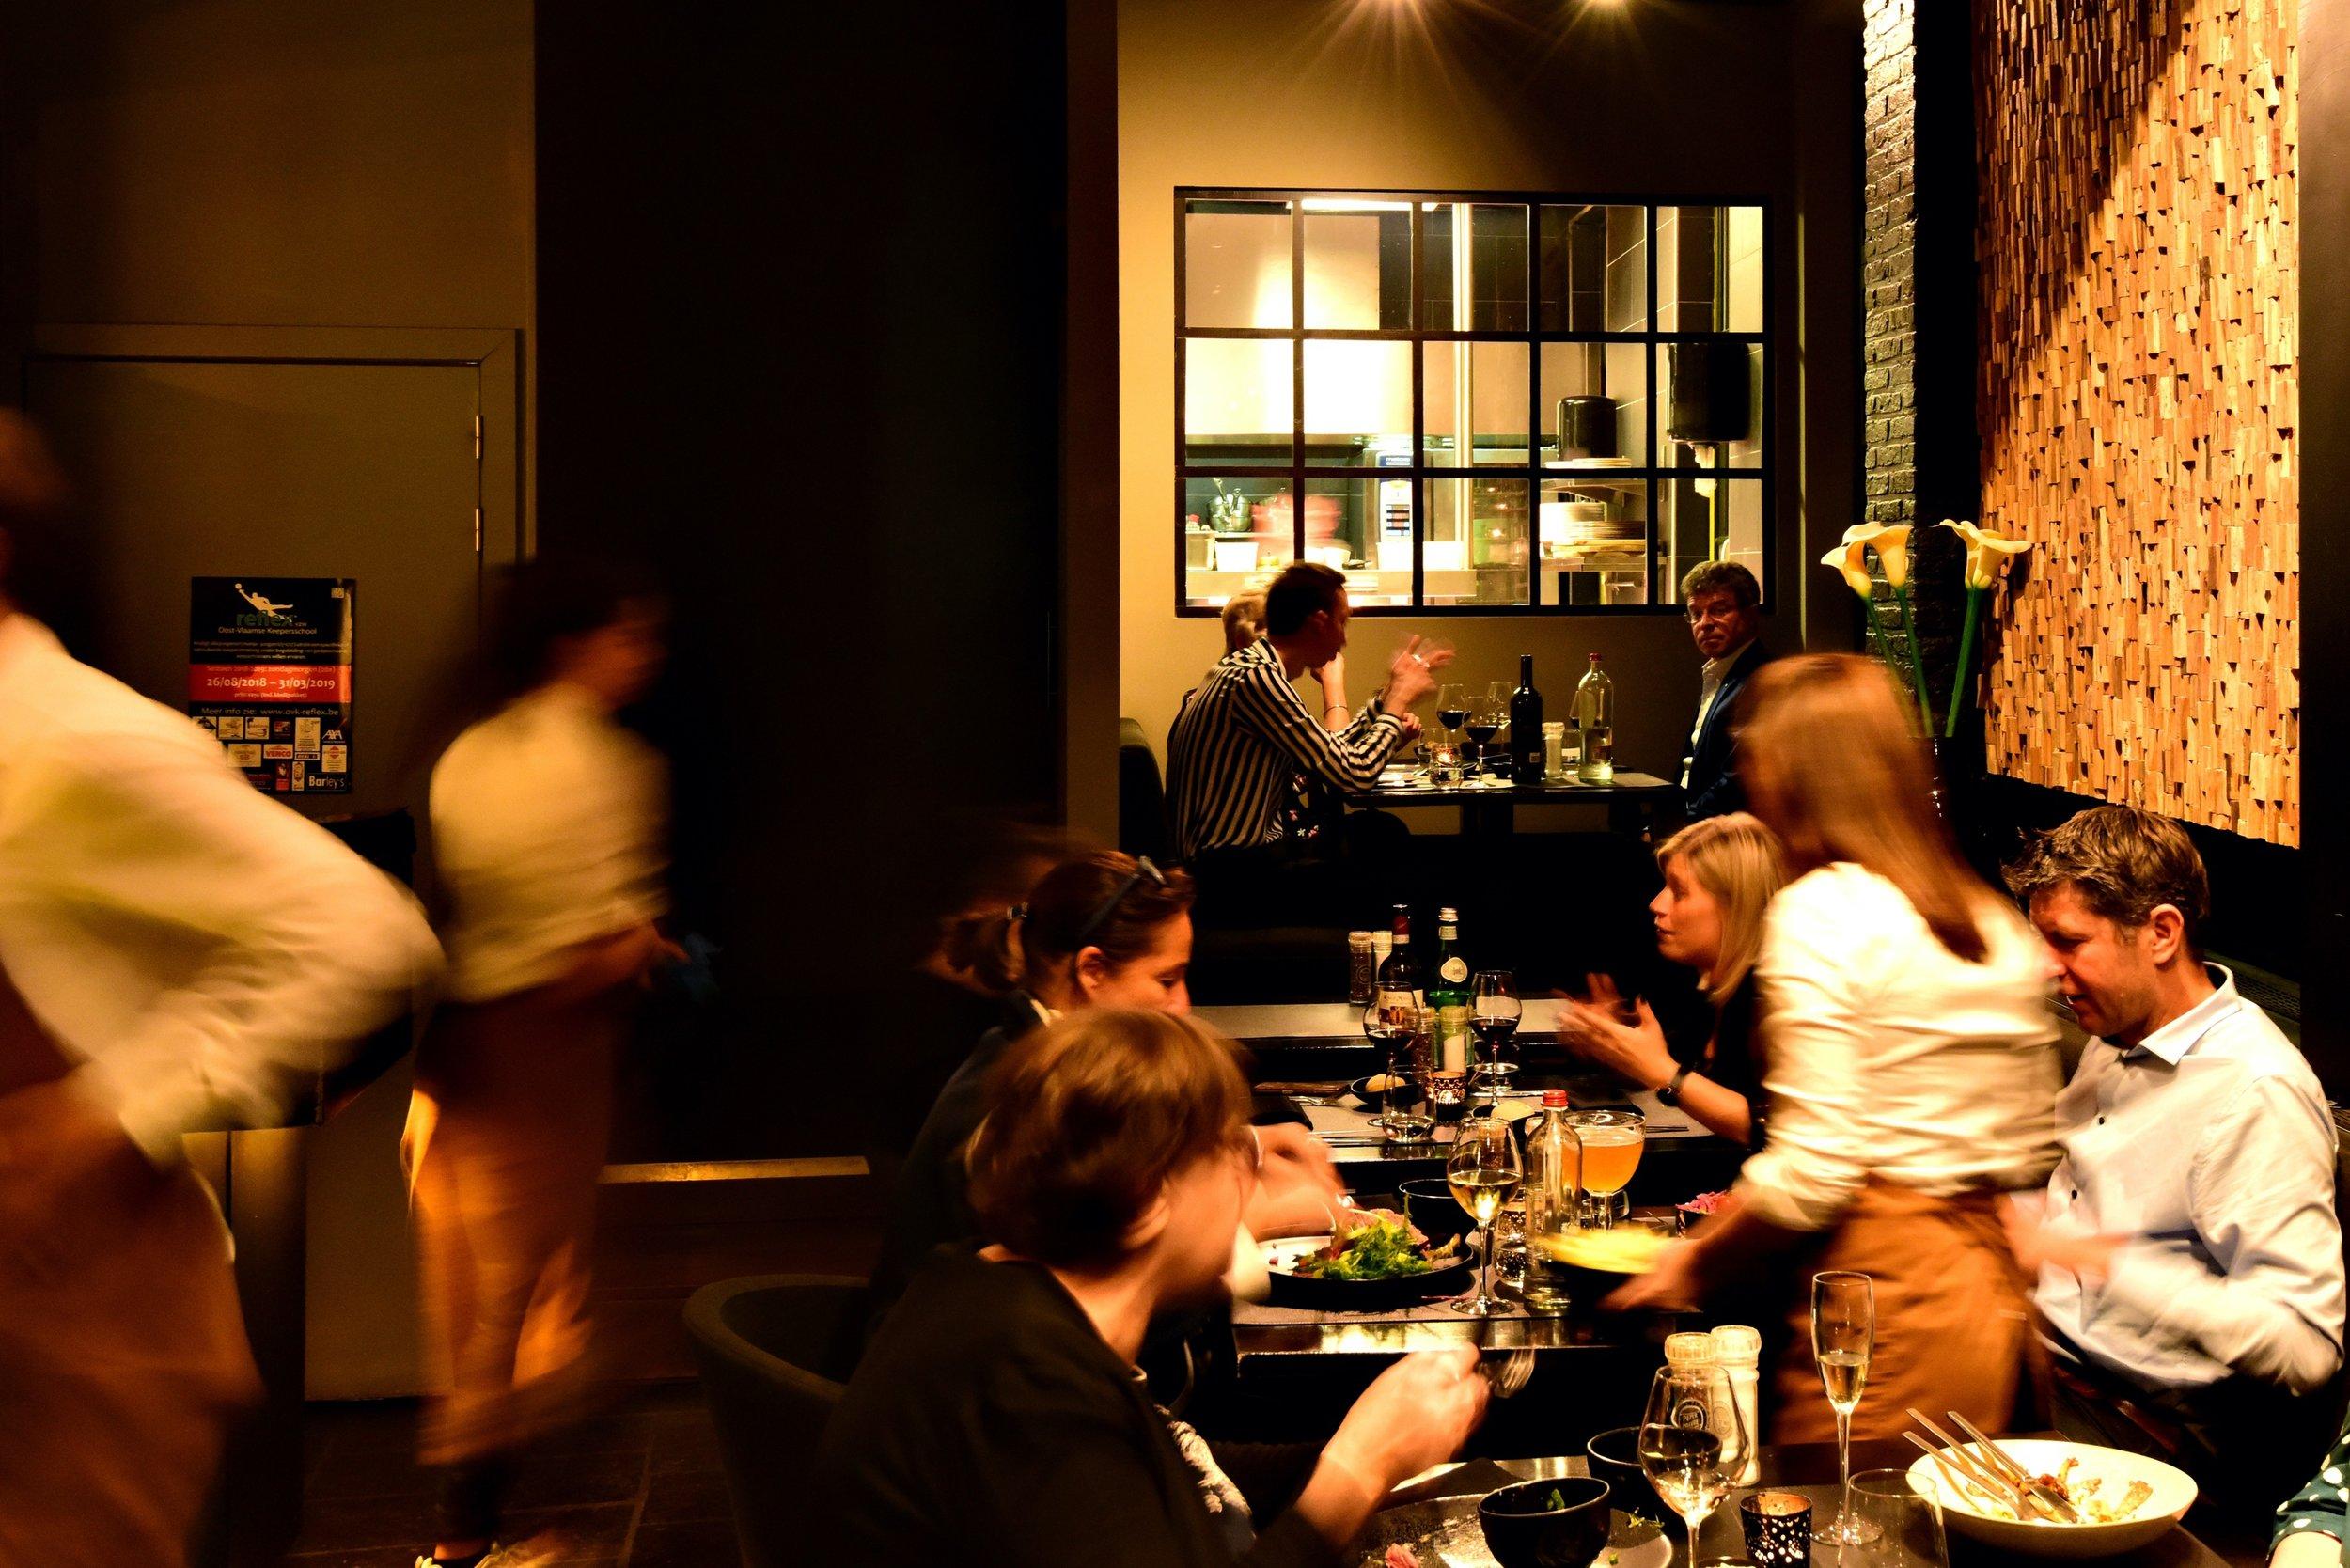 4 restaurant brasserie barley's dendermonde bart albrecht.jpg